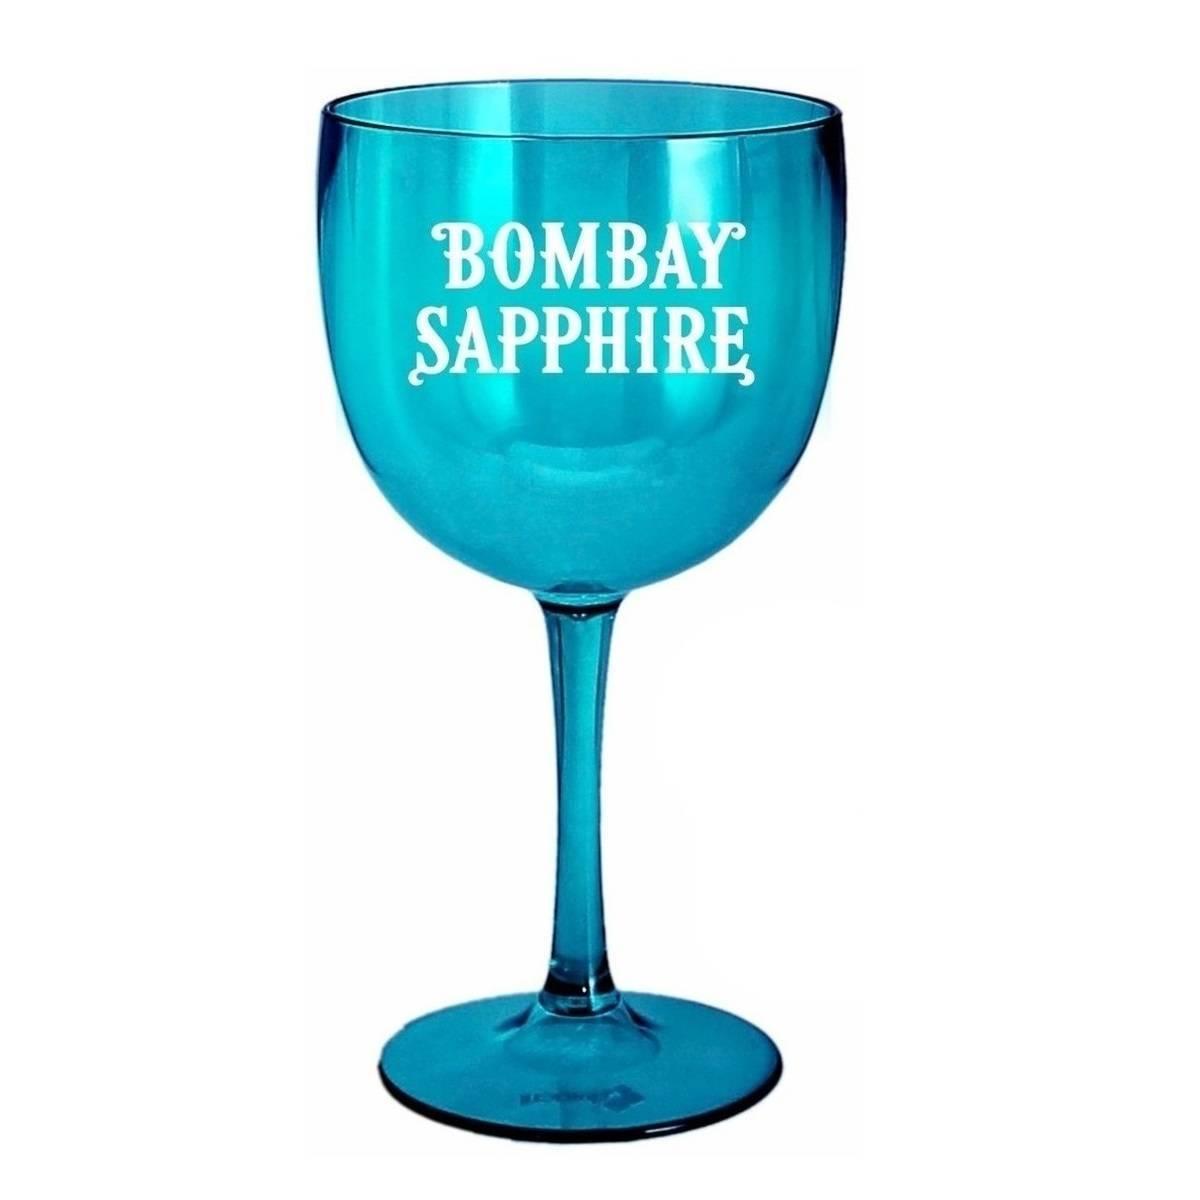 Taça Bombay Sapphire de Gin Acrílico Personalizado Azul 580m - LCGELETRO